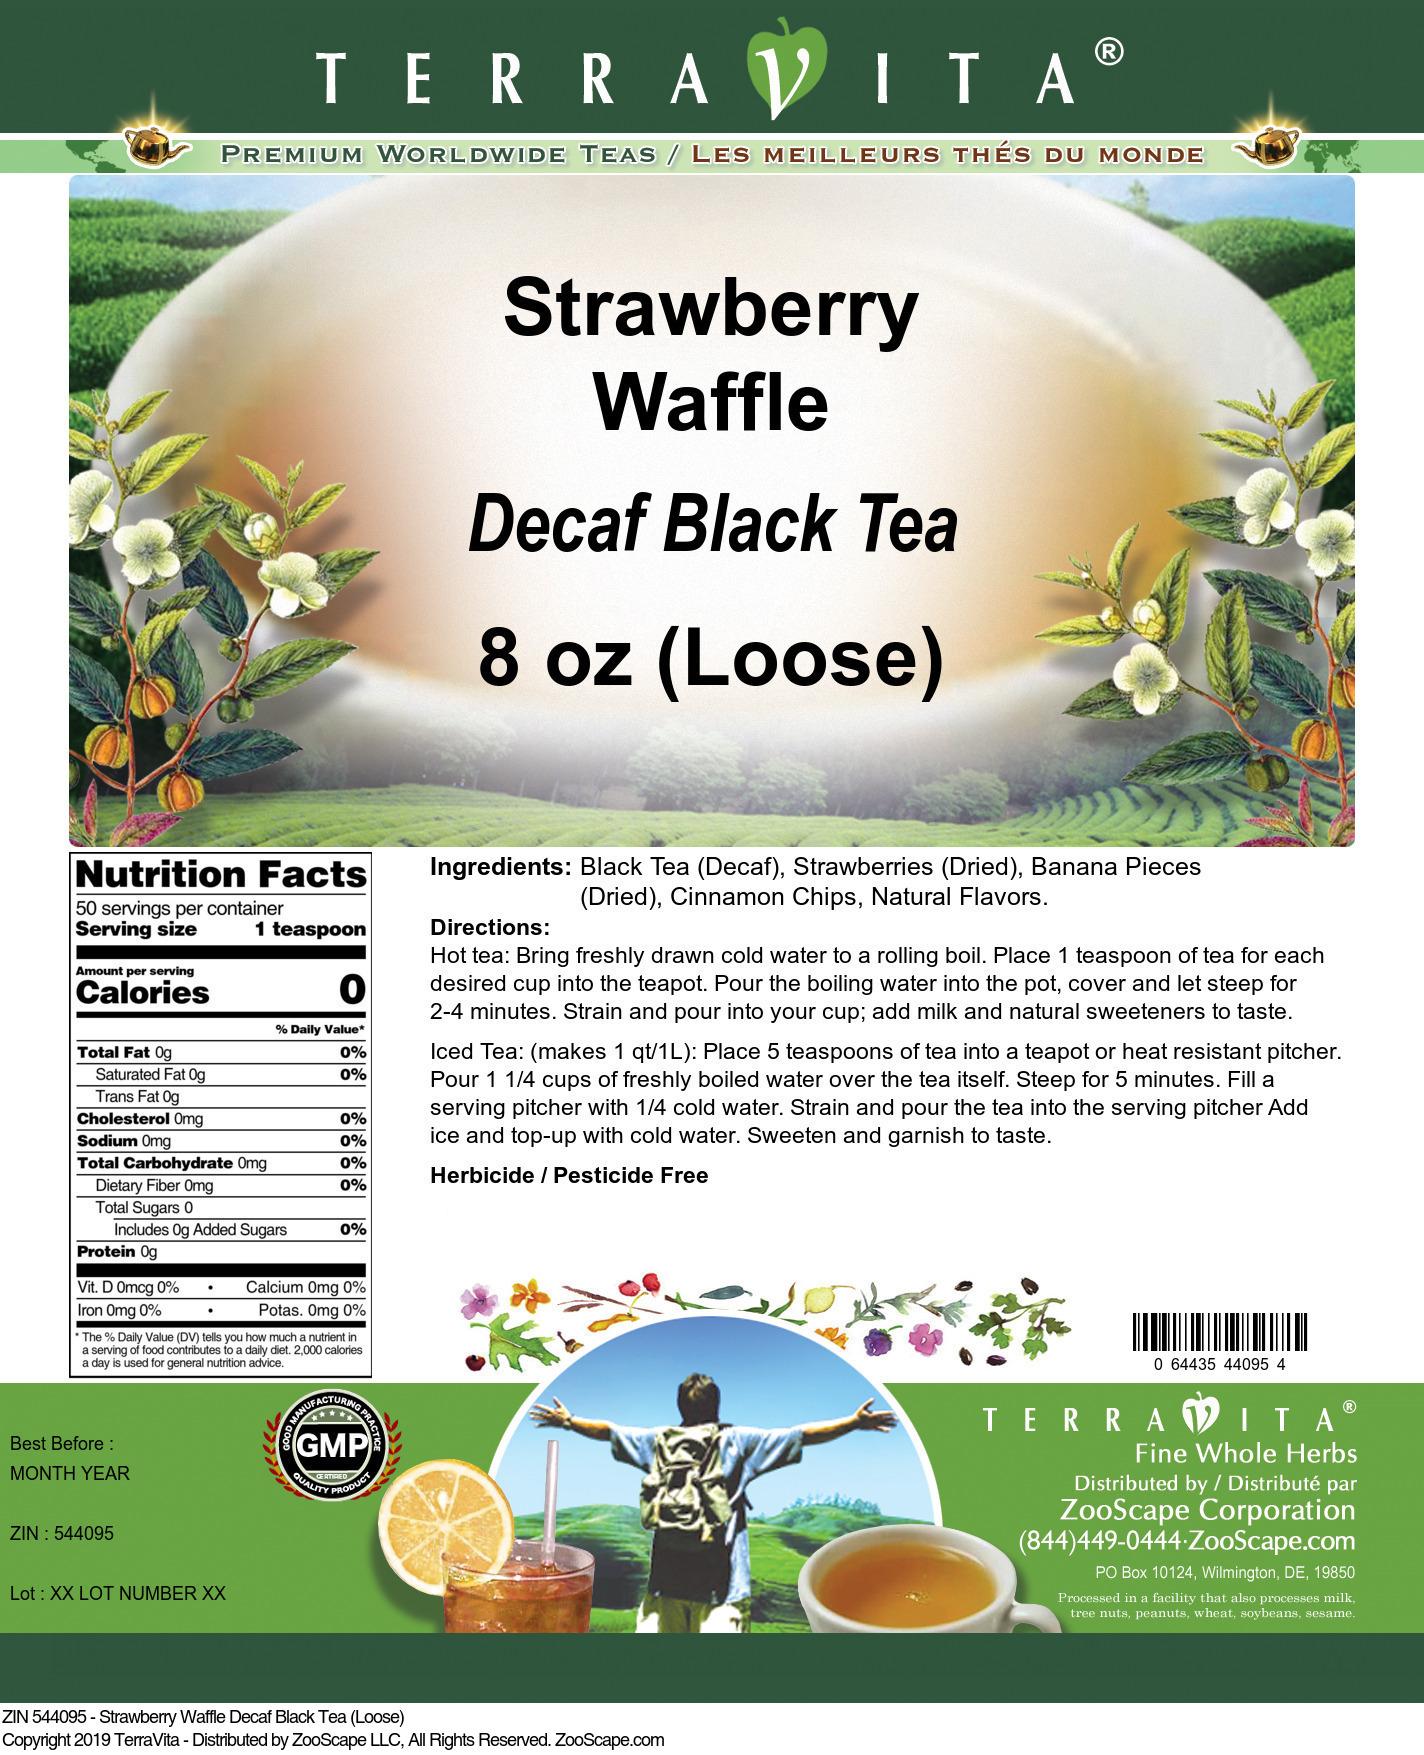 Strawberry Waffle Decaf Black Tea